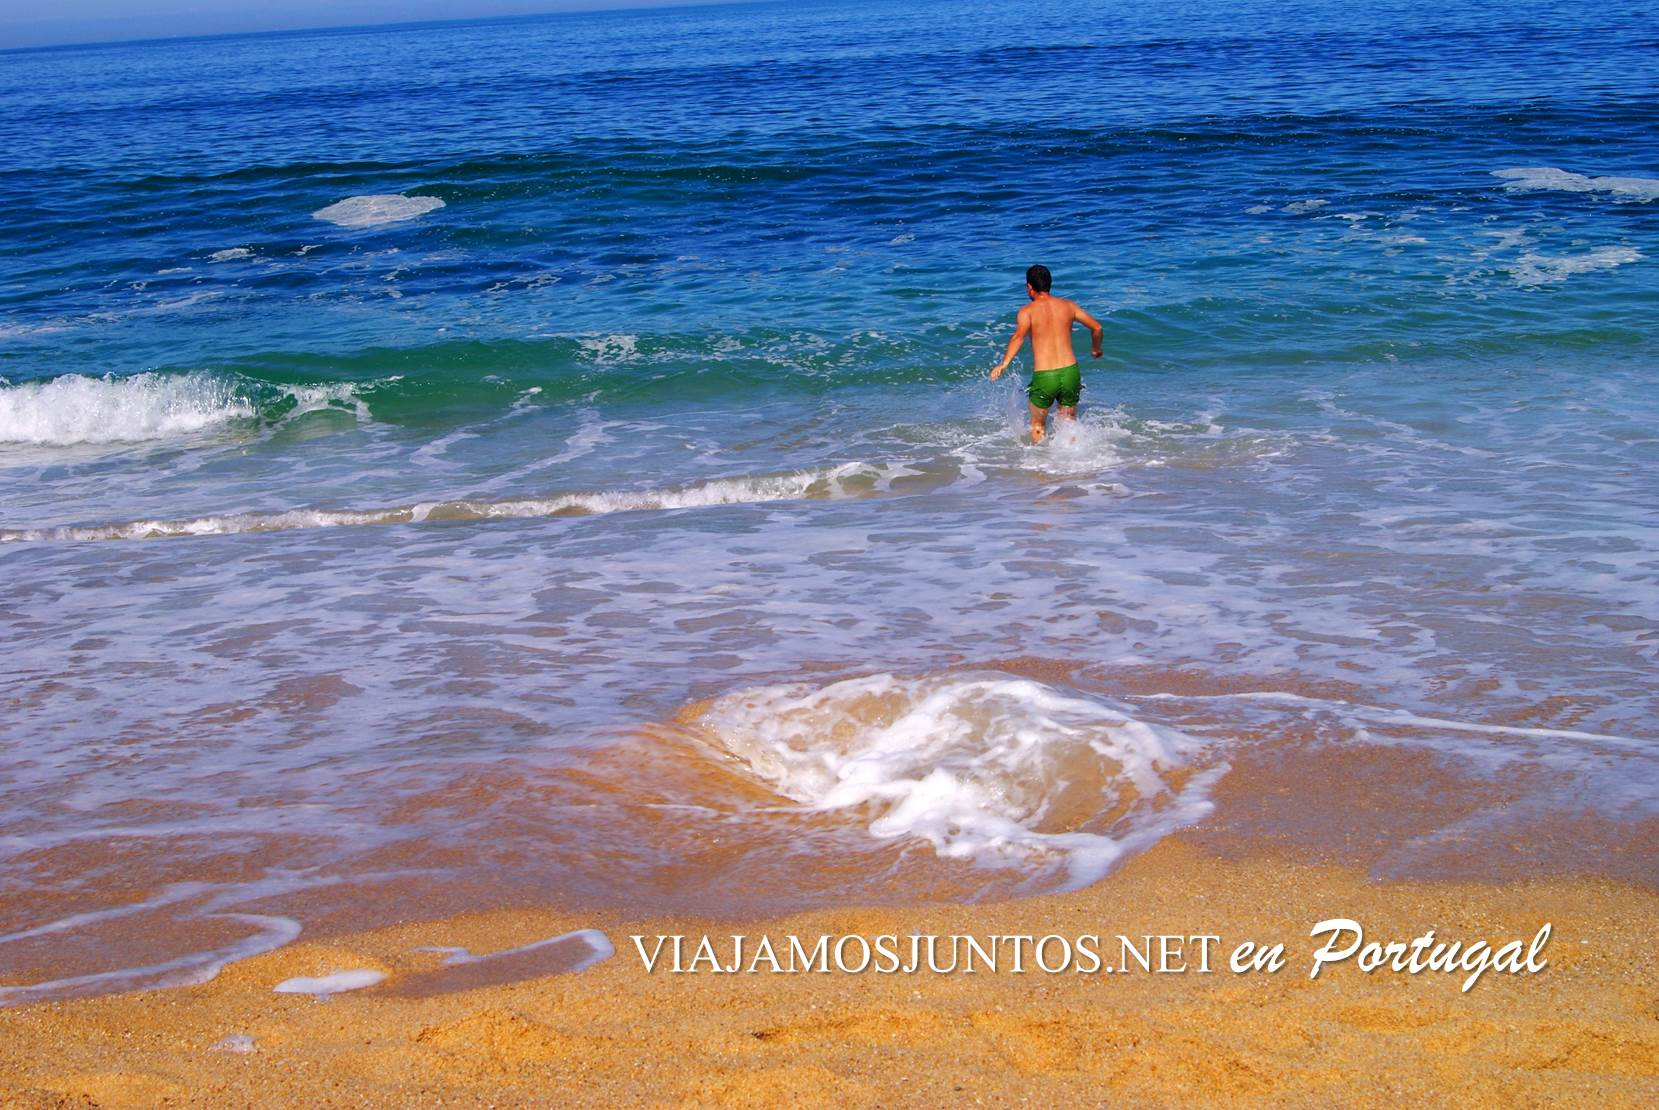 Olas en la Playa do Meco, Costa Caparica, Portugal